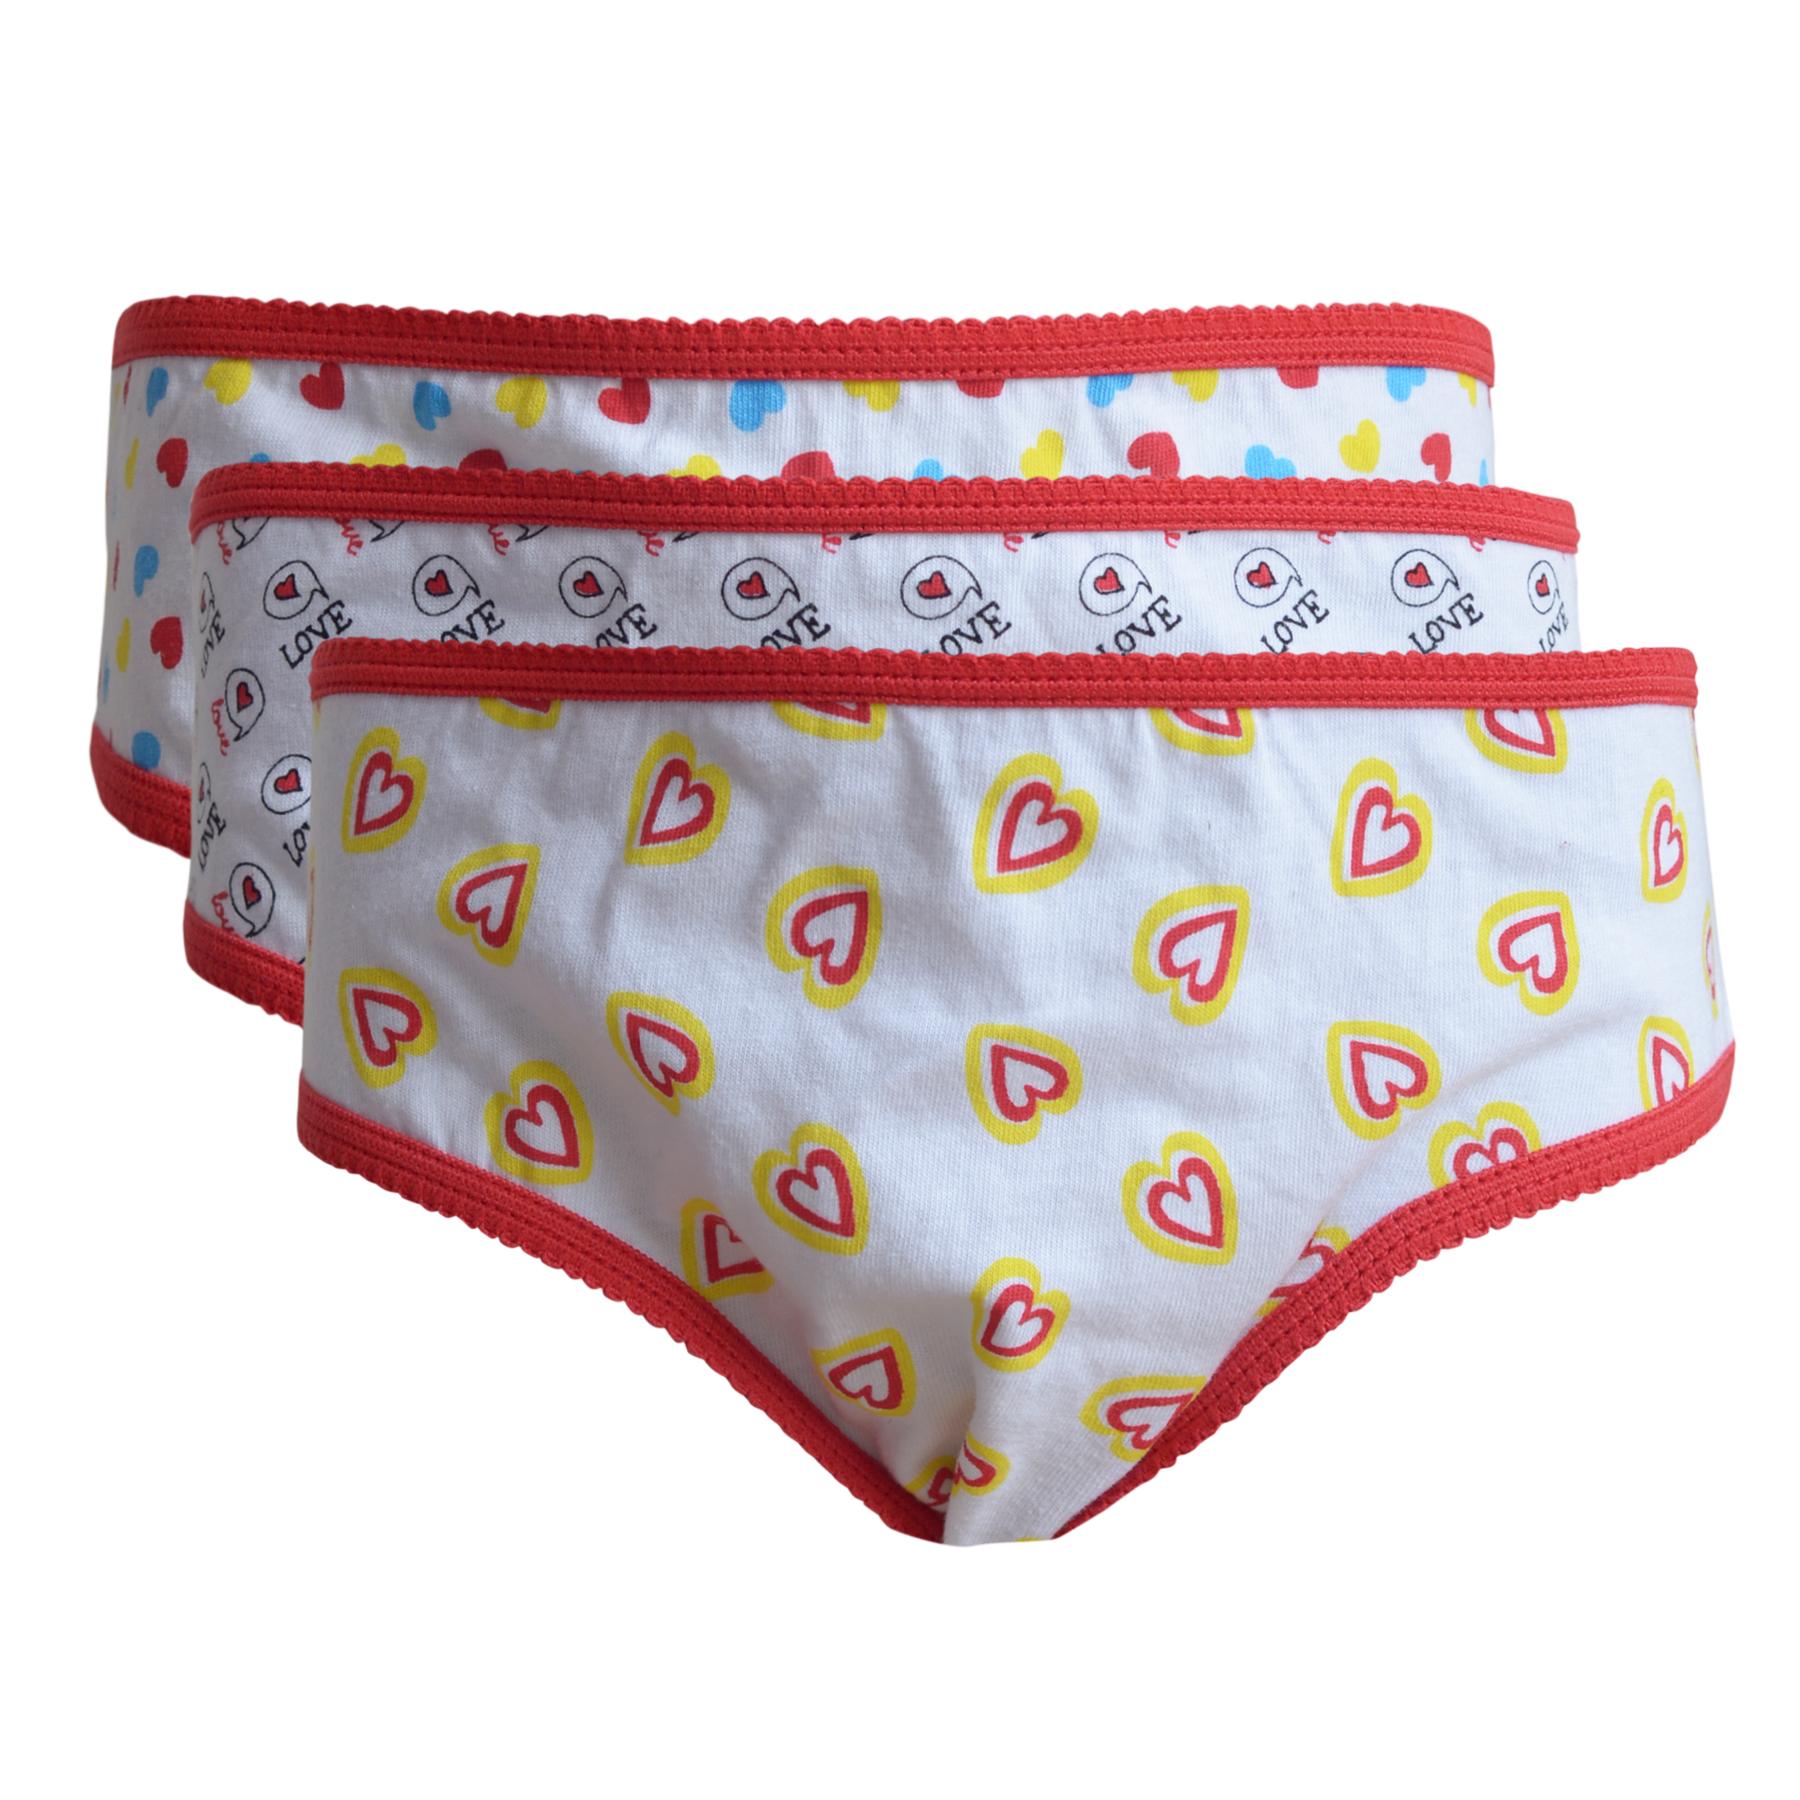 Jockey underwear for kids